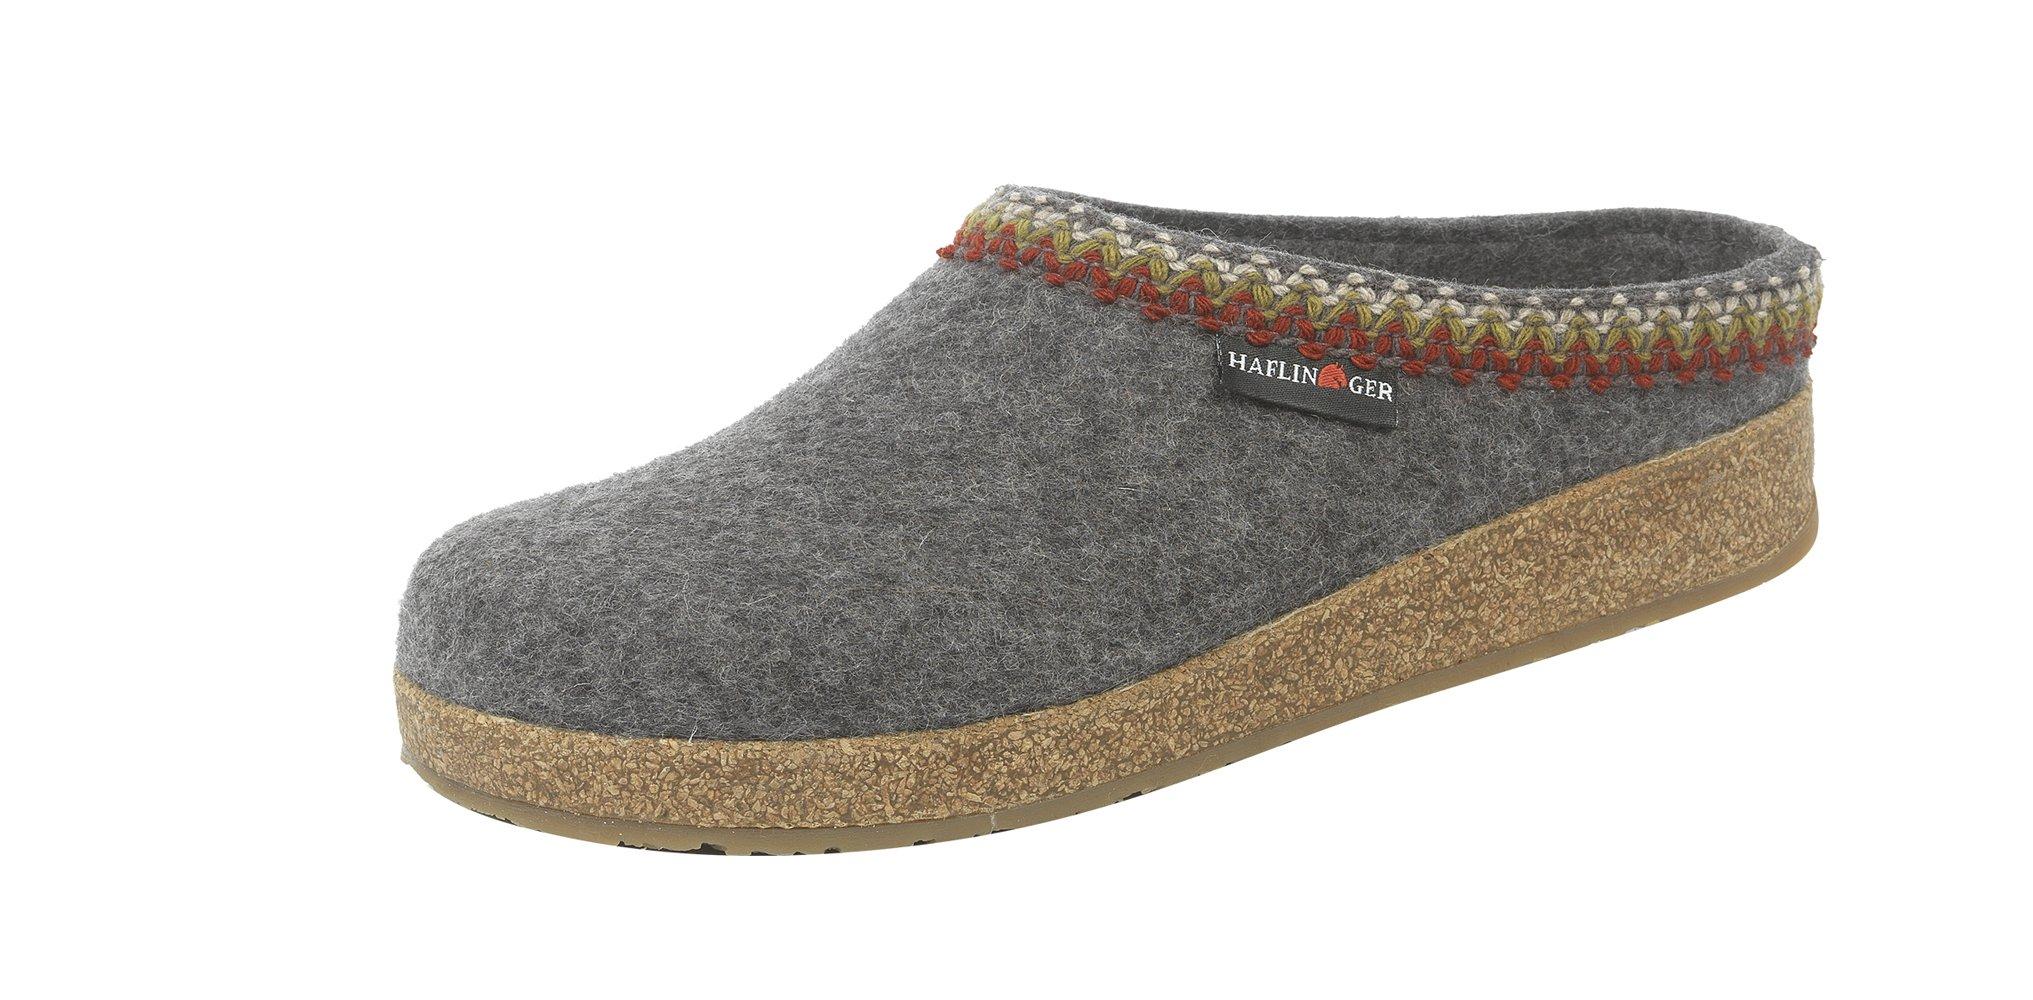 Haflinger Zigzag, Color: Grey, Size: 36 (711053-4-36)